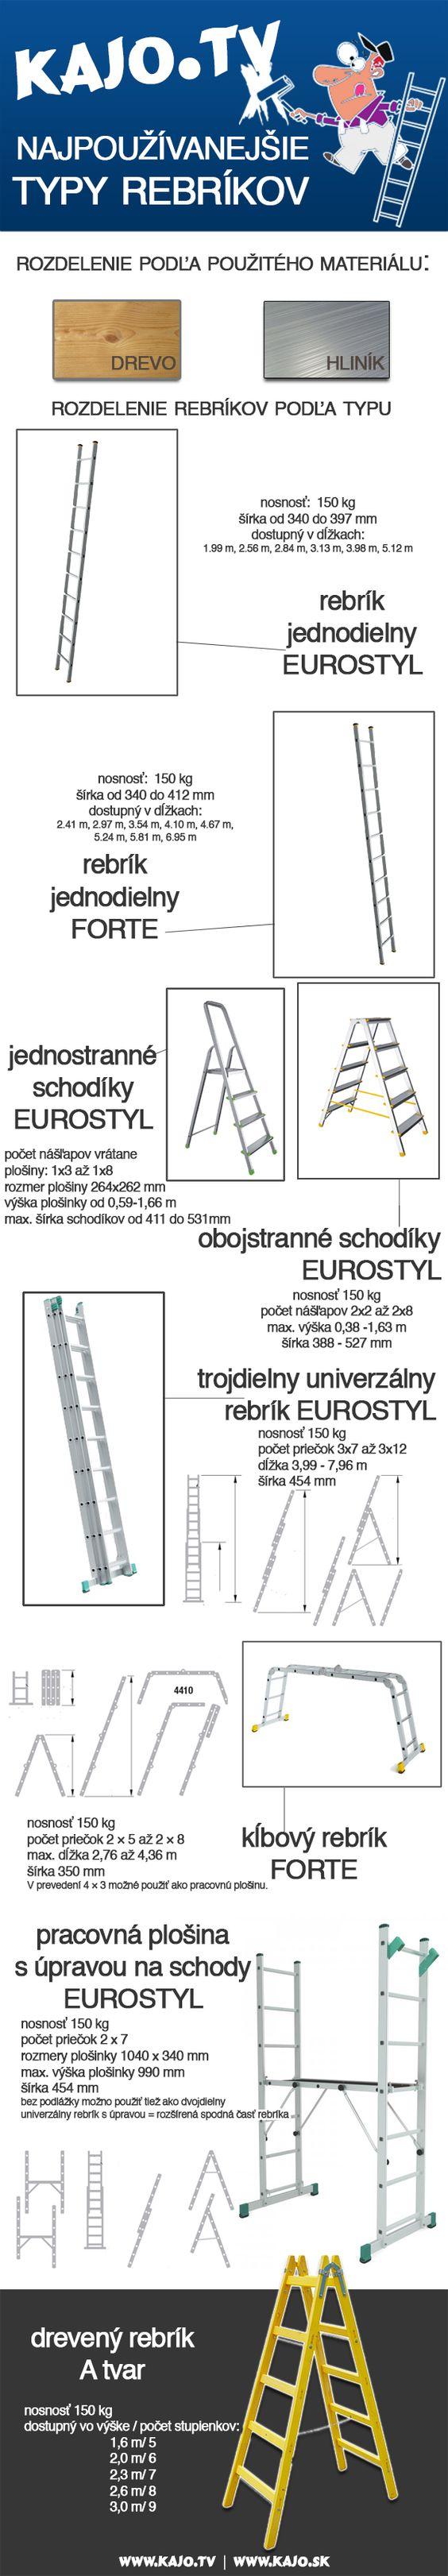 REBRÍK: Aké najčastejšie typy rebríkov využívame v domácnosti, na záhrade či vo firmách?